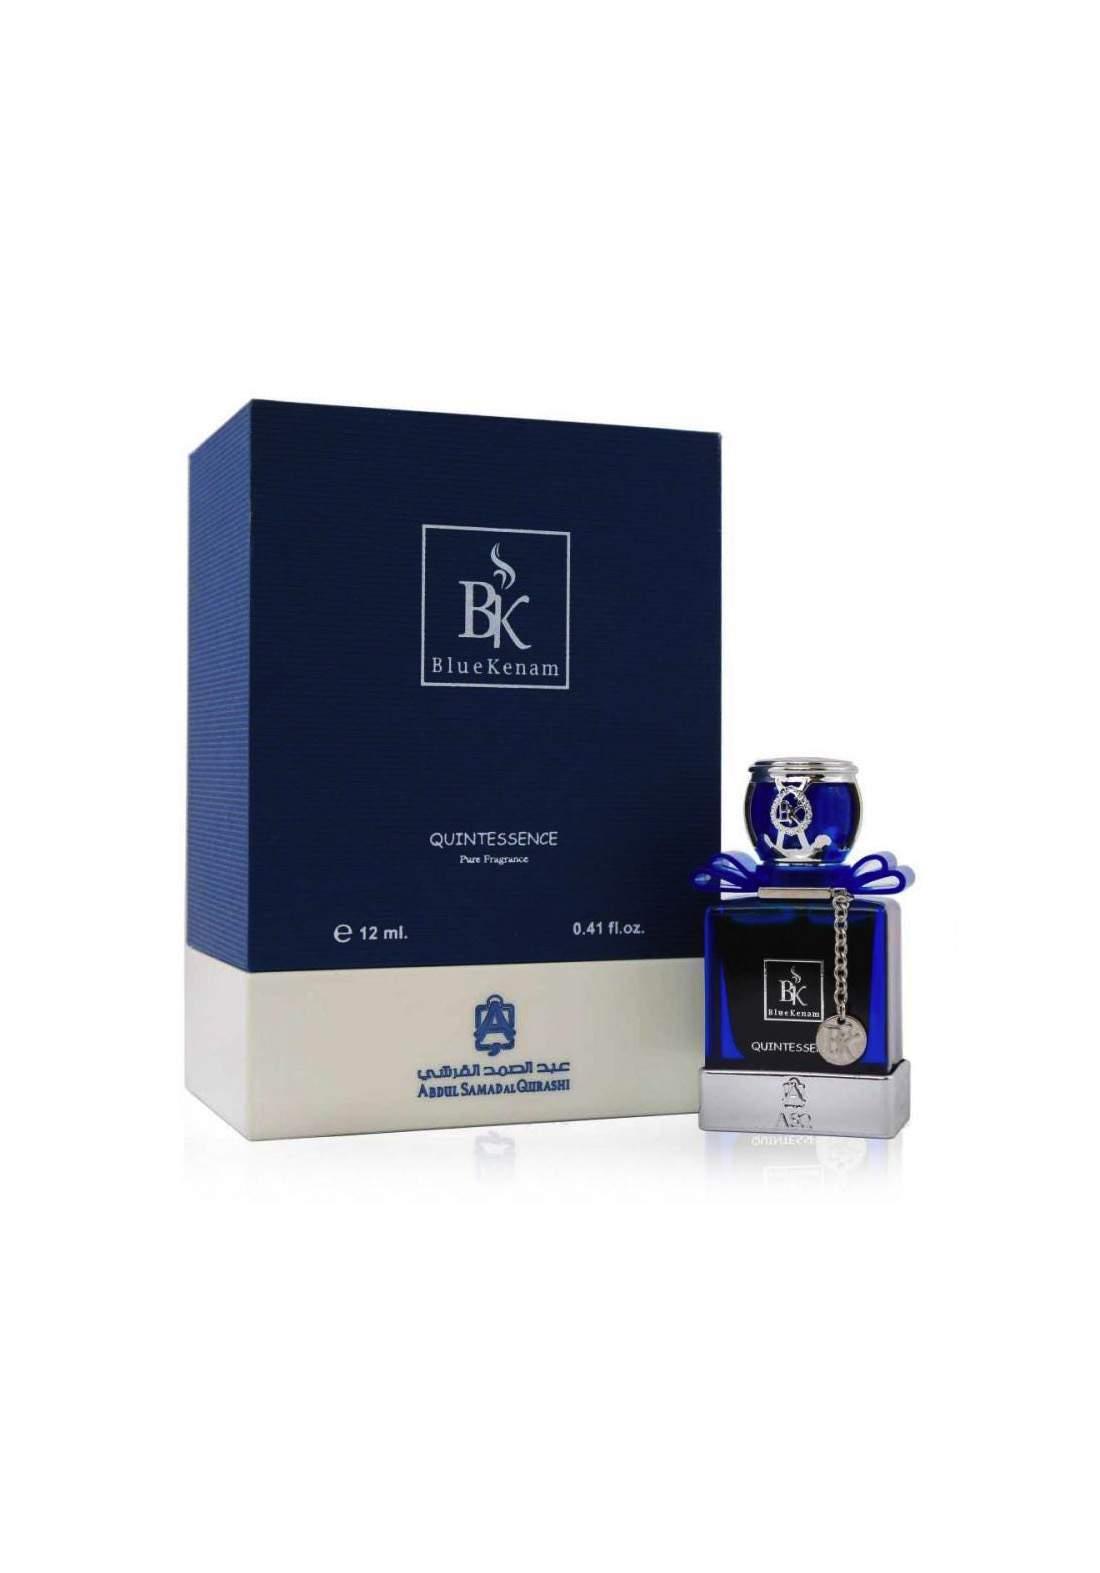 Abdul Samad Al Qurashi 72082 Blue Kenam  Quintessence Pure Fragrance Perfume Oil 12 ml عطر زيتي عطر رجالي ونسائي